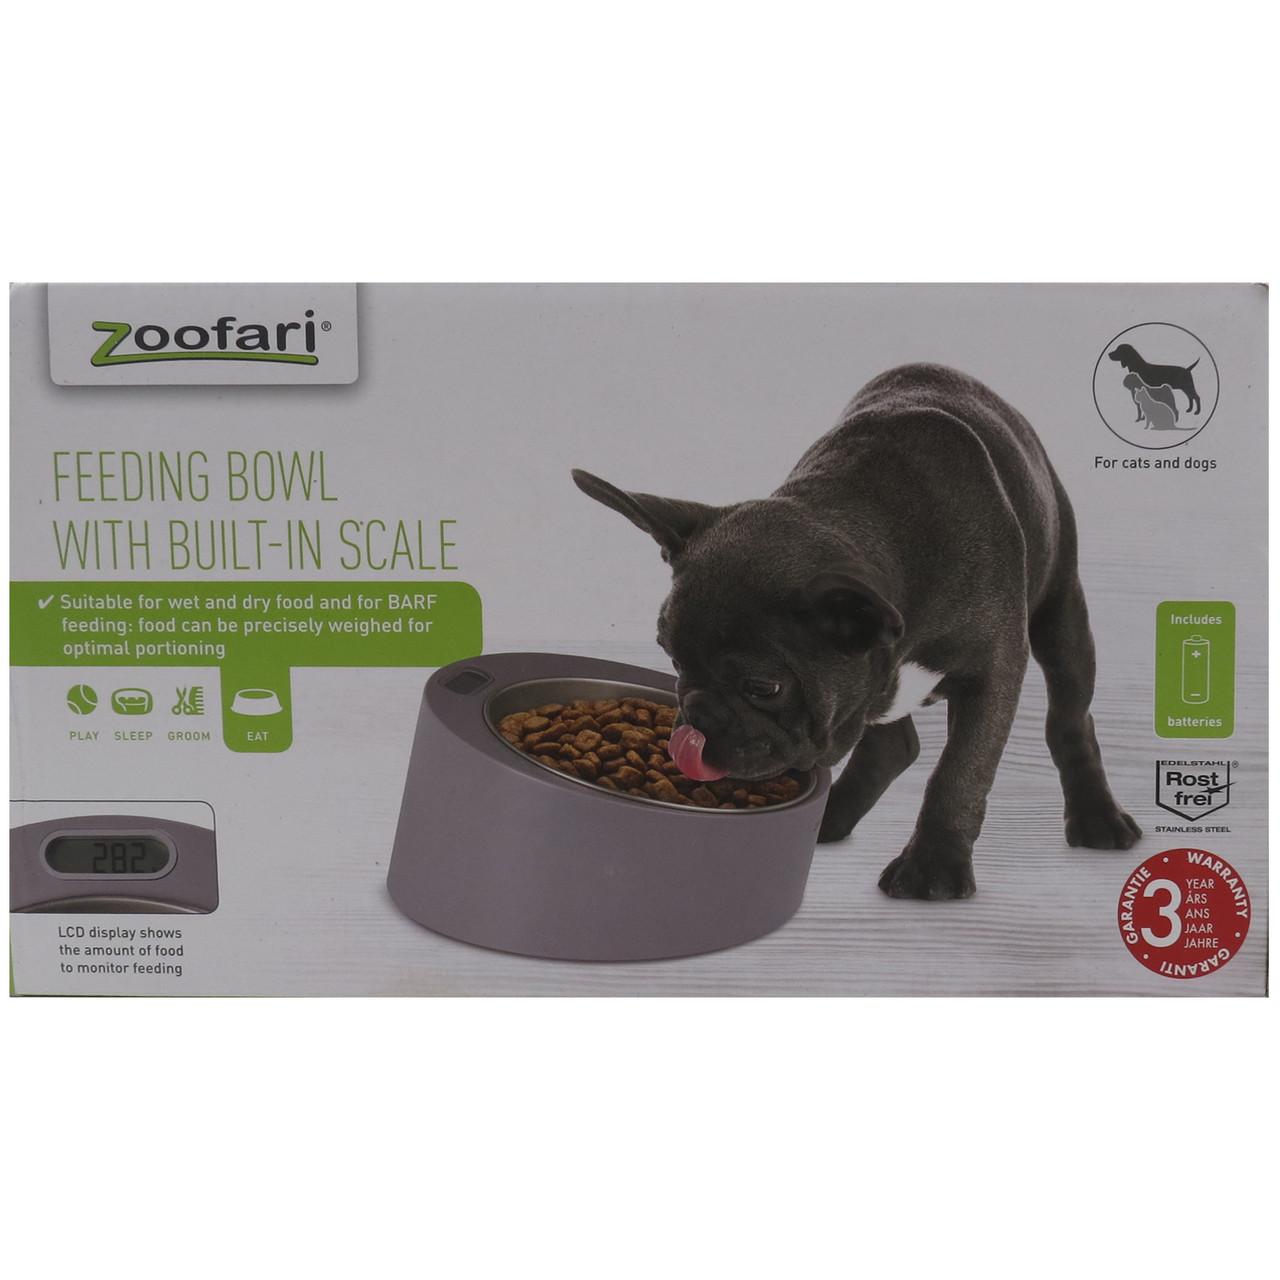 Весы со сьемной чашей для кормления животных Zoofari